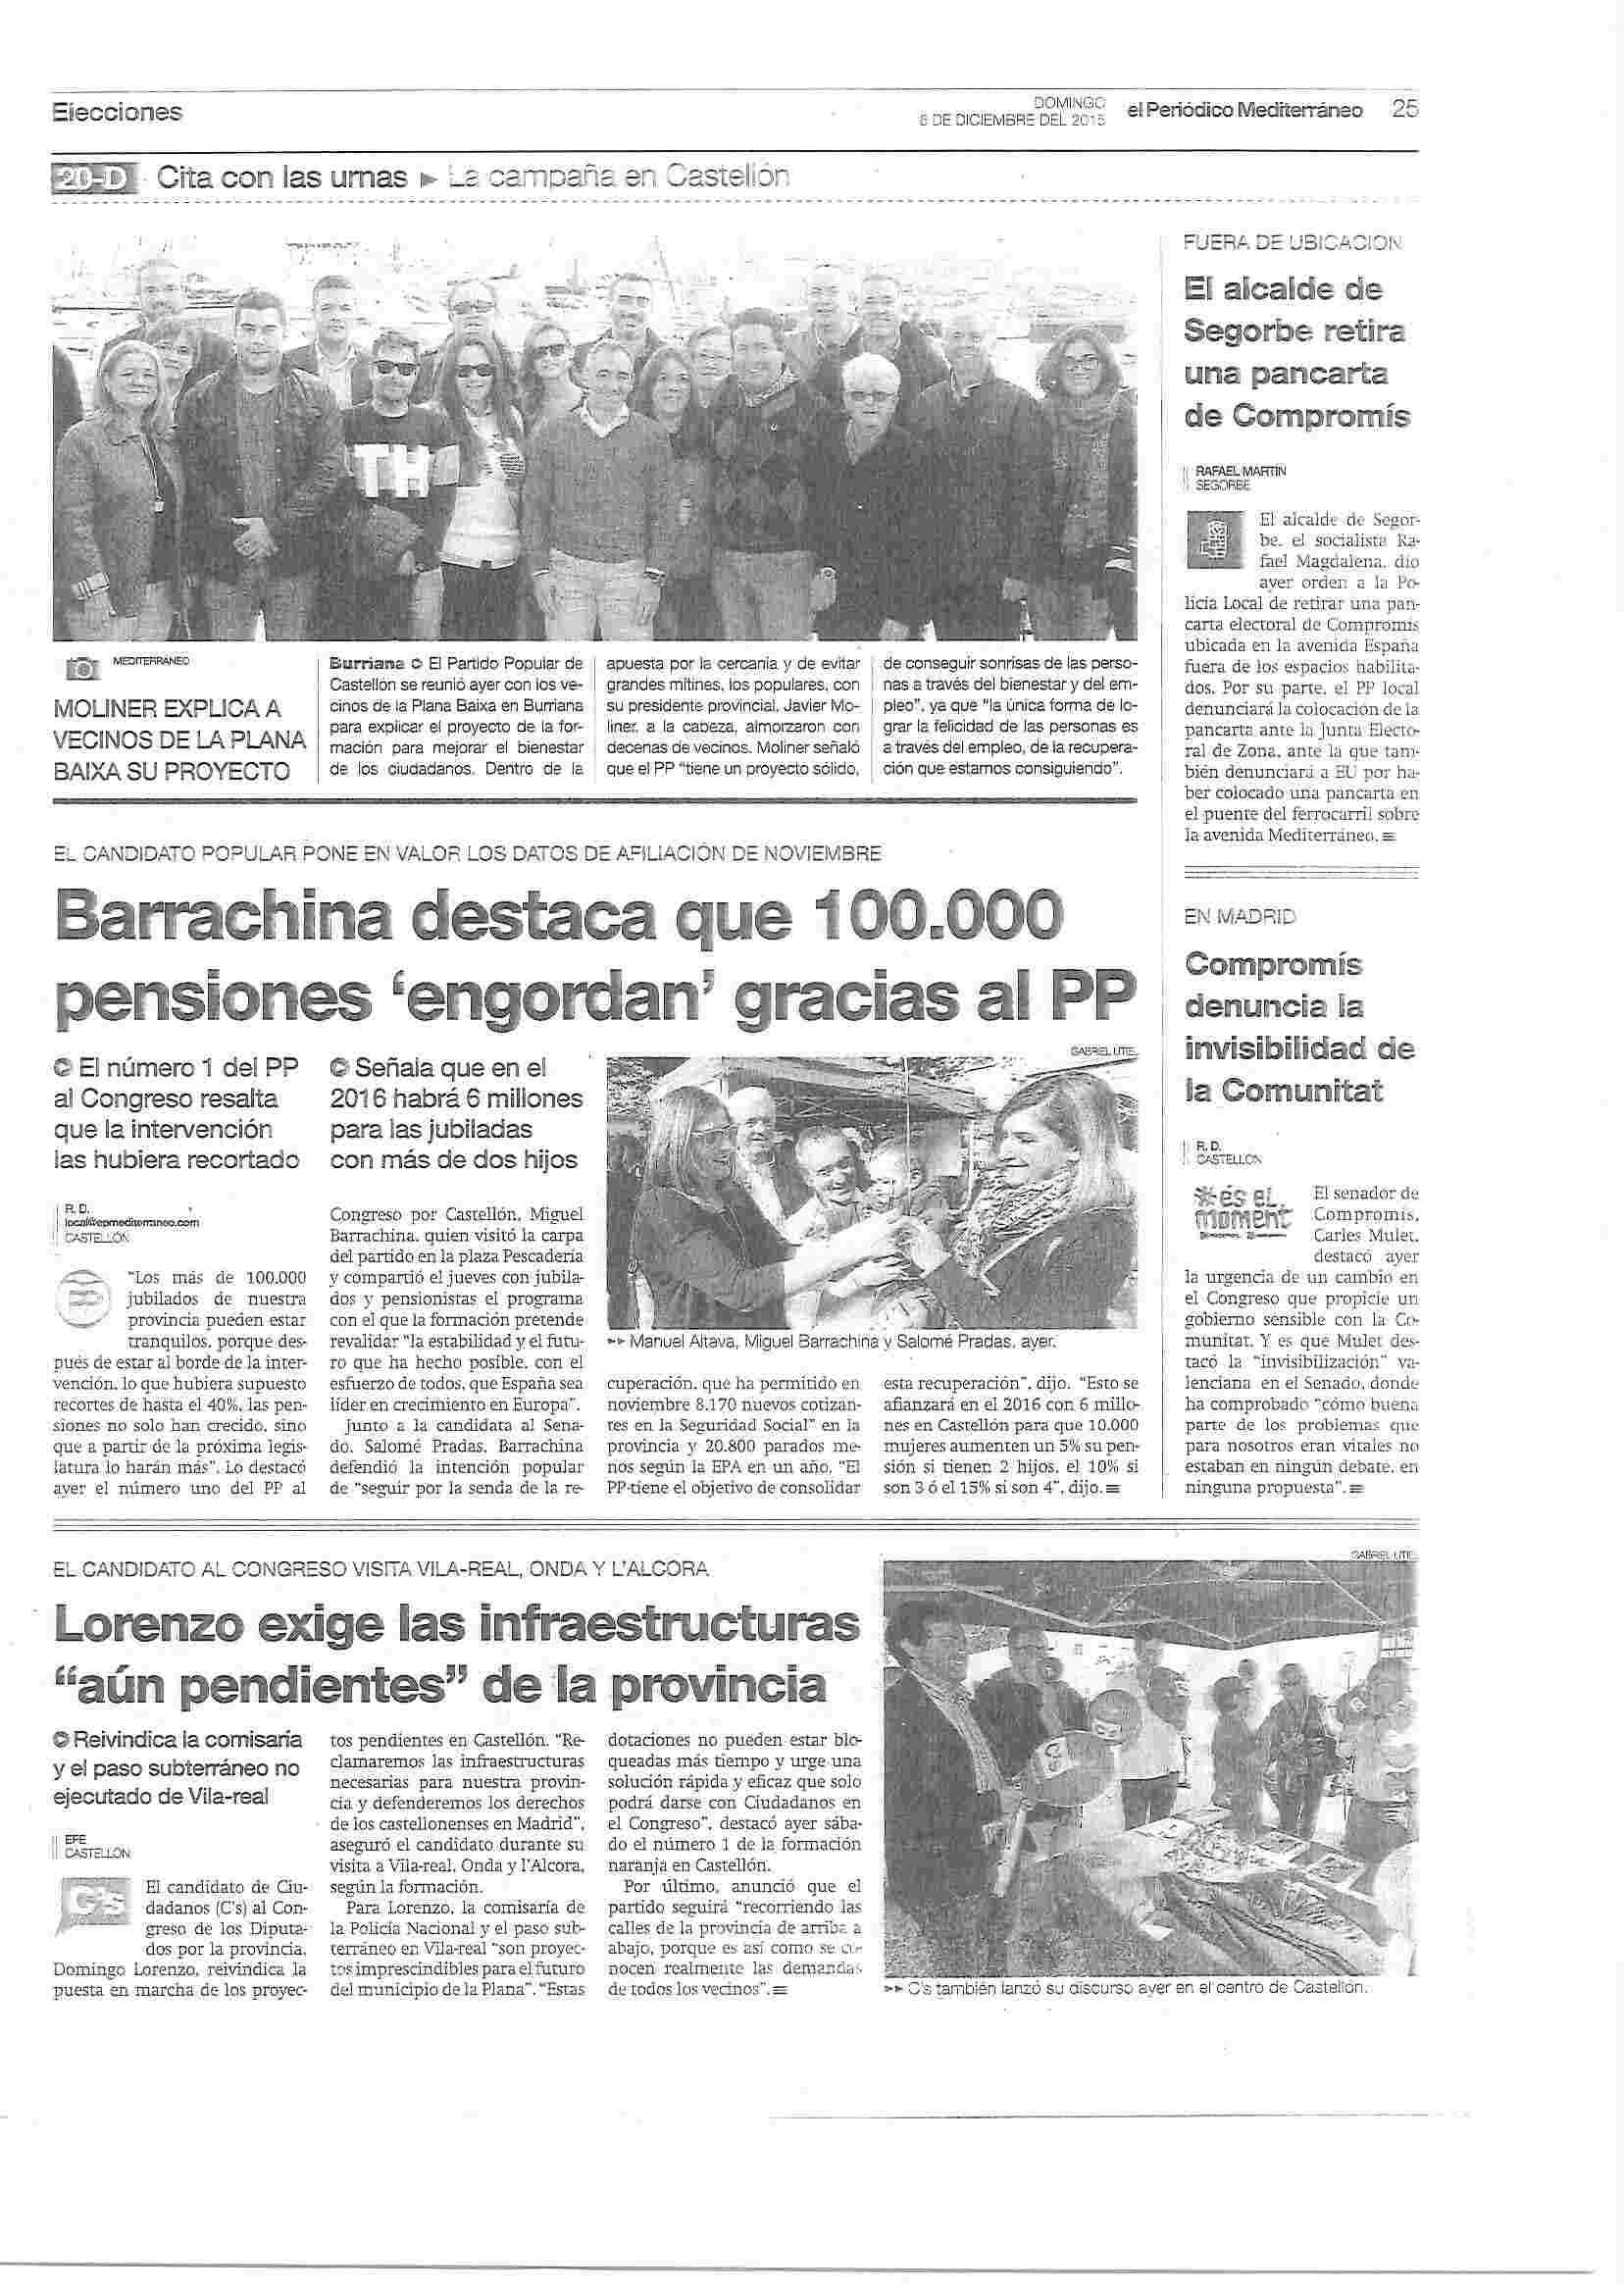 prensa 7 de diciembre